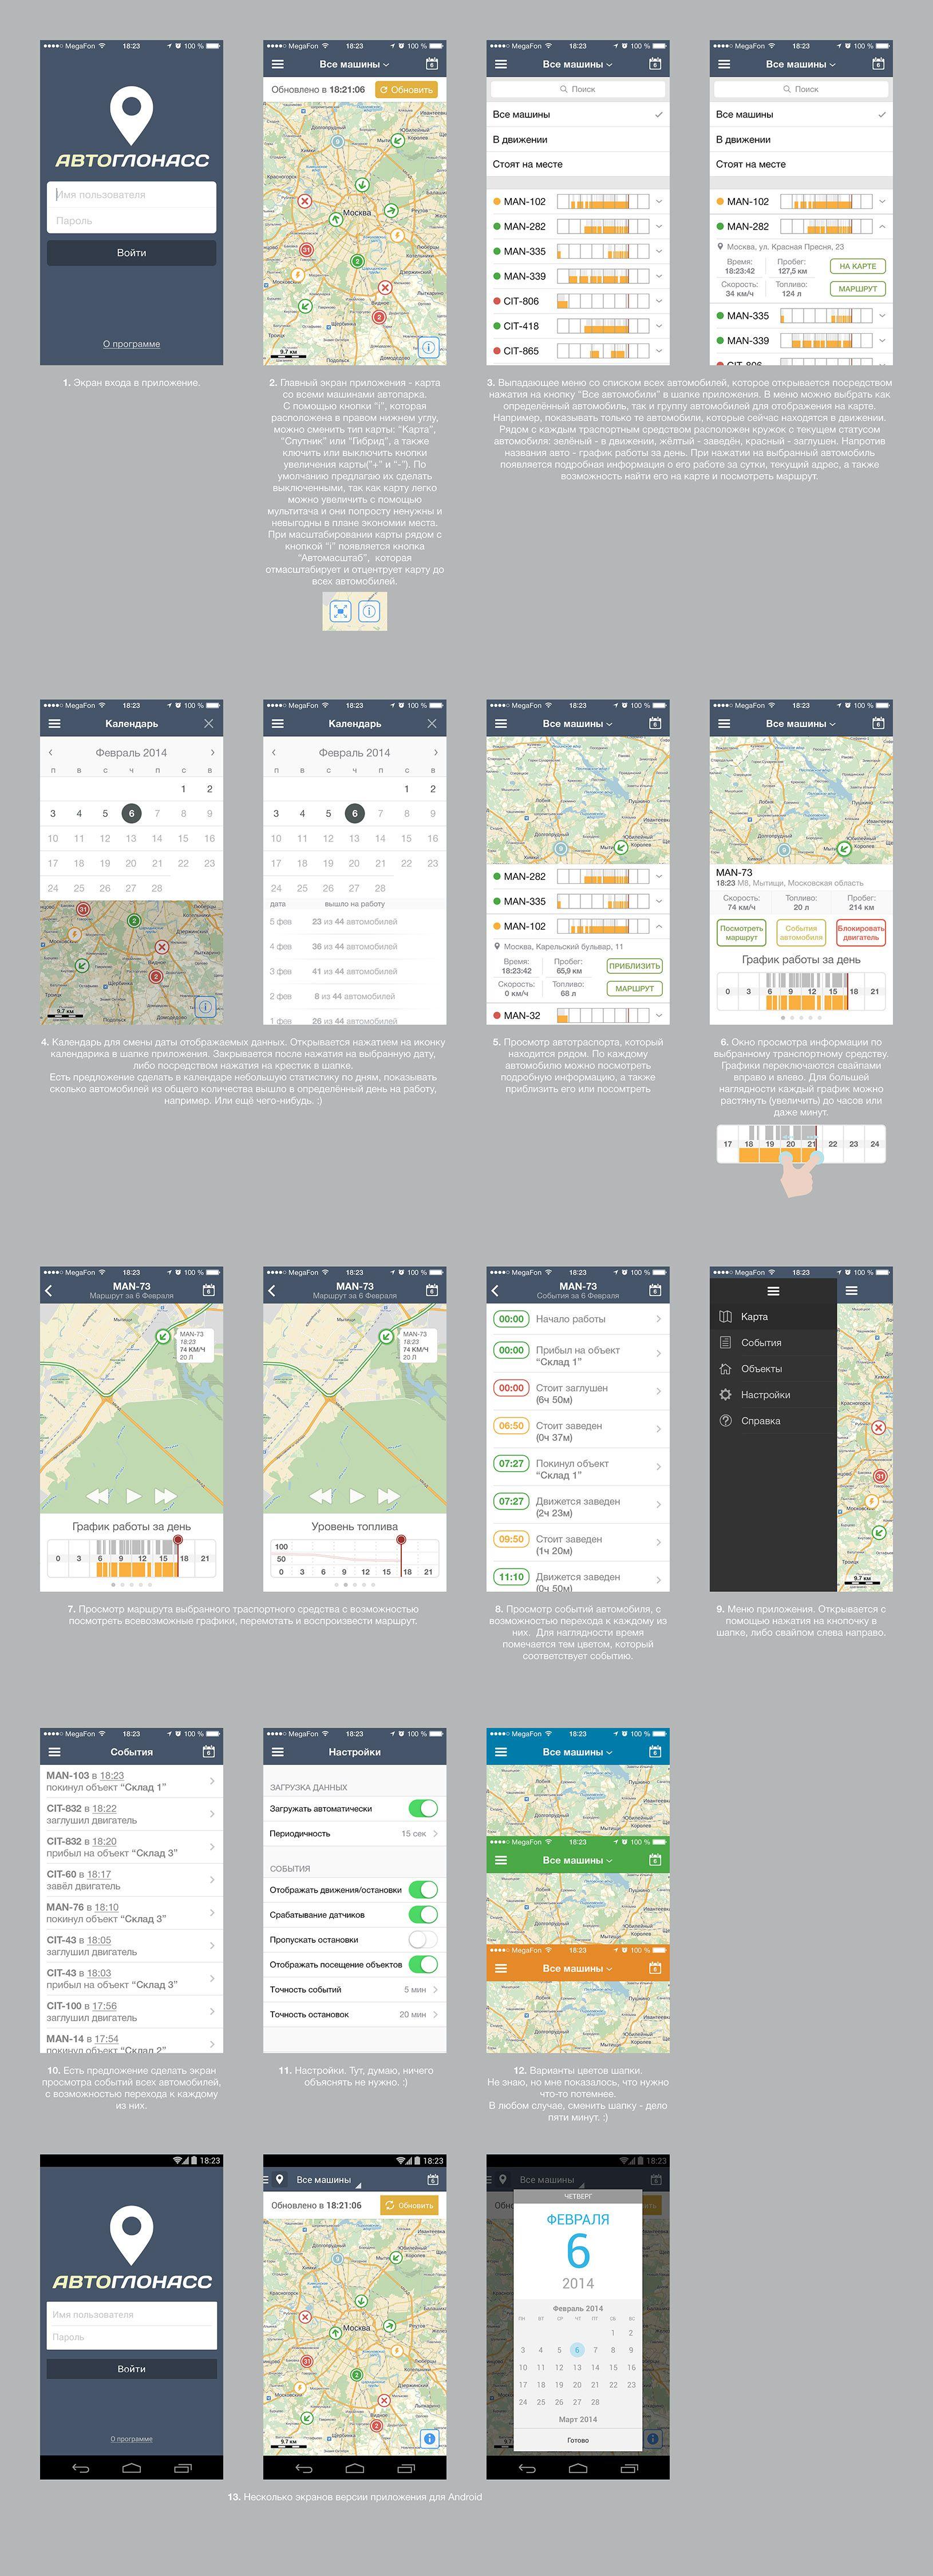 Дизайн мобильного приложения (объекты на карте) - дизайнер philipp